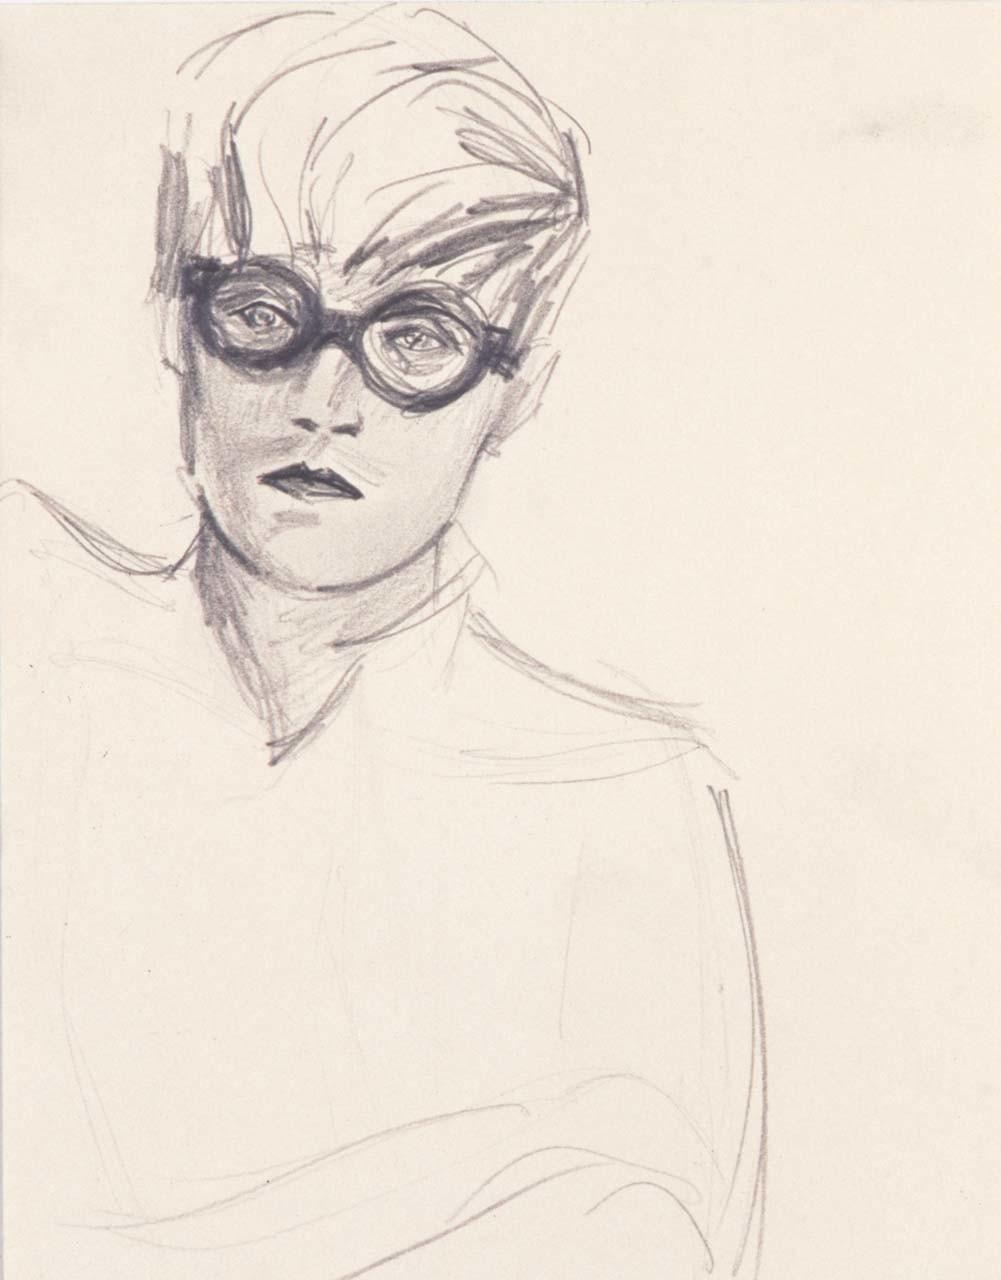 """<div class=""""artwork_caption""""><p>David Hockney, 1997</p></div>"""